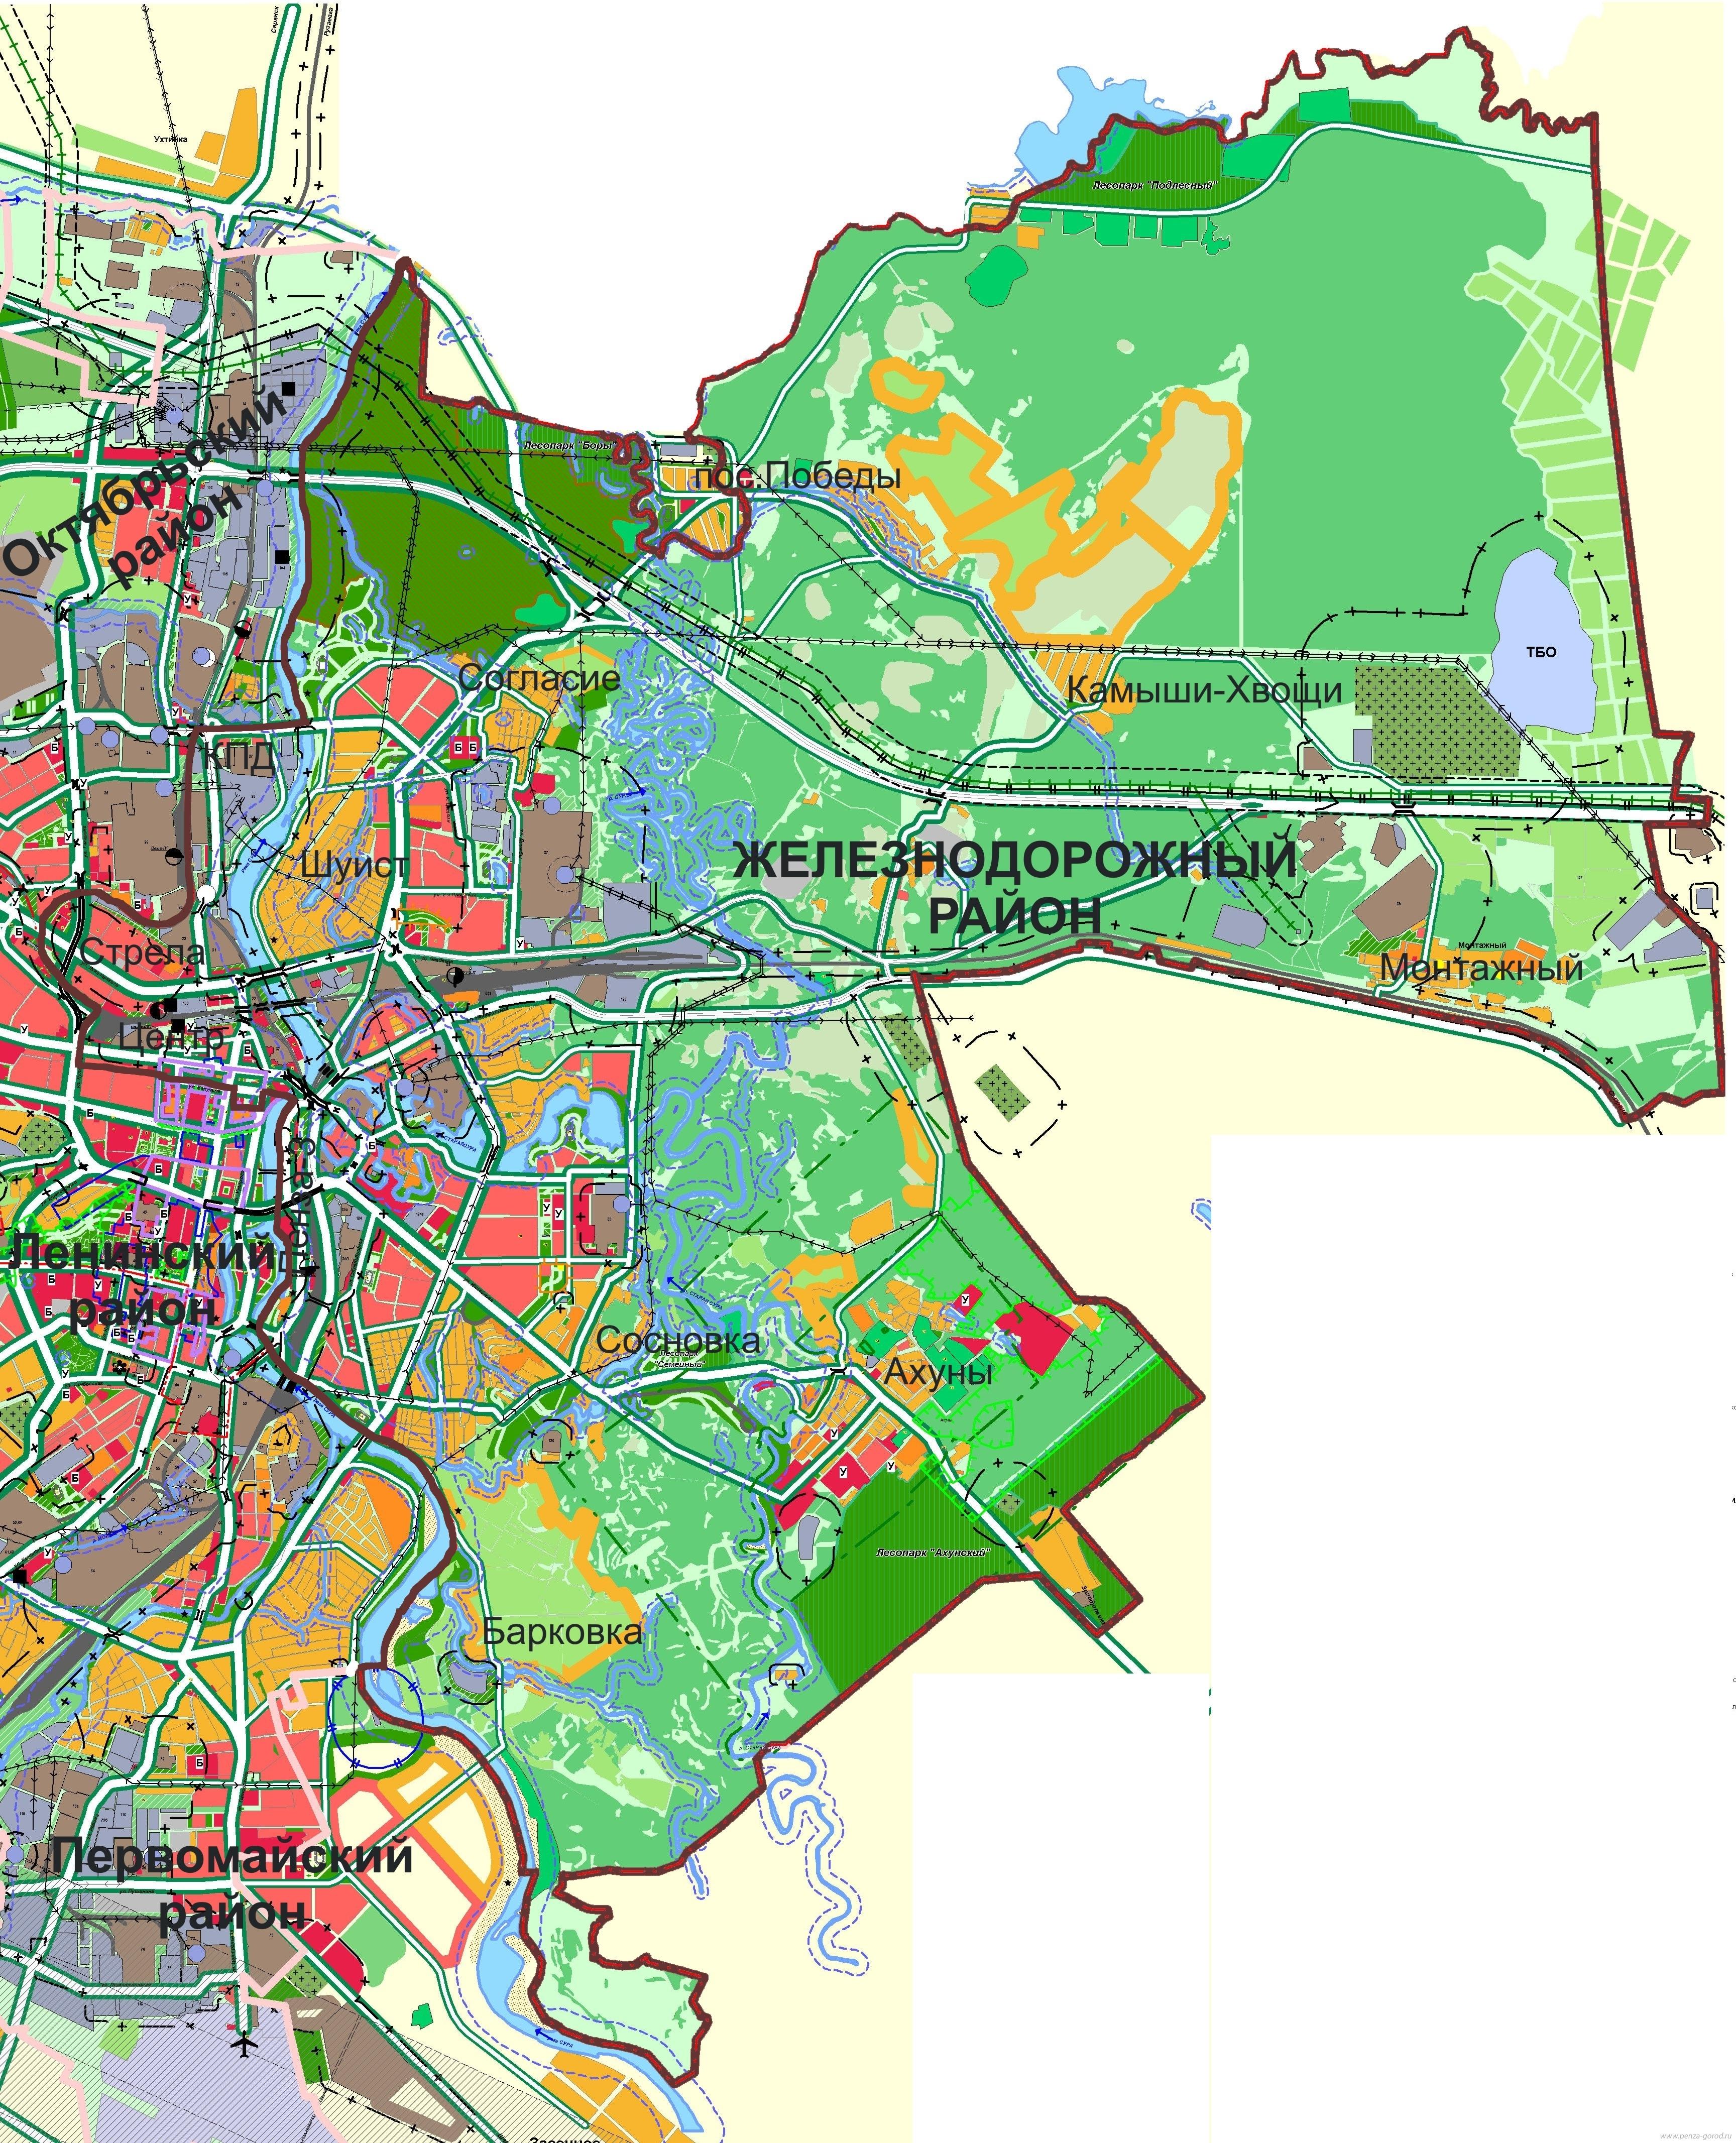 Карта схема улиц г пенза